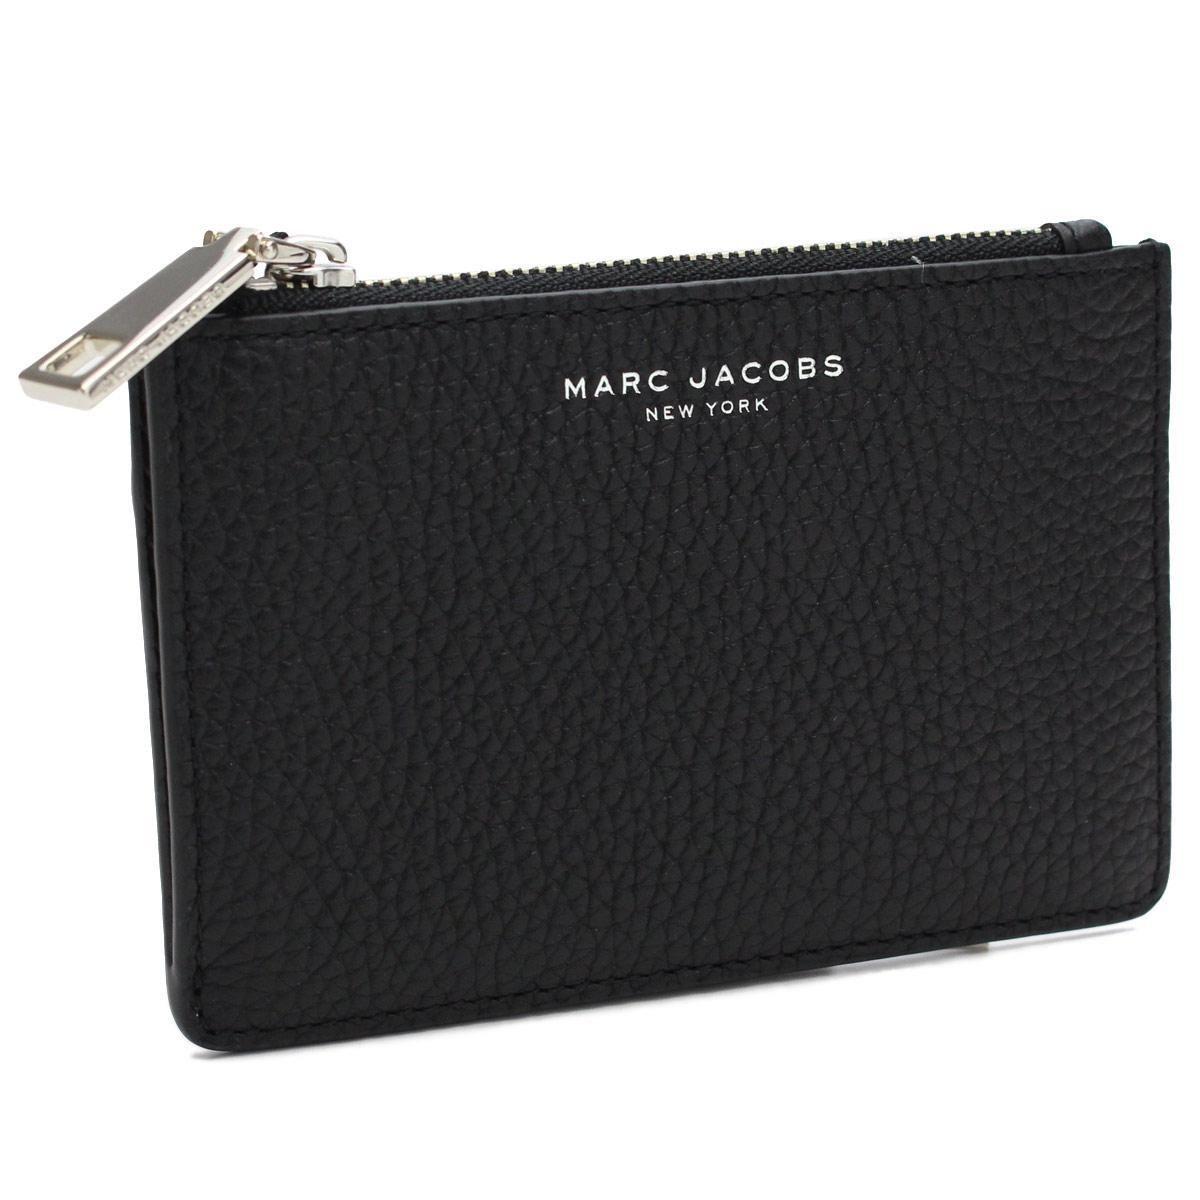 マーク・ジェイコブス (MARC JACOBS) キーリング付小銭入れ キーケース 兼 コインケース M0011054 001 BLACK ブラック